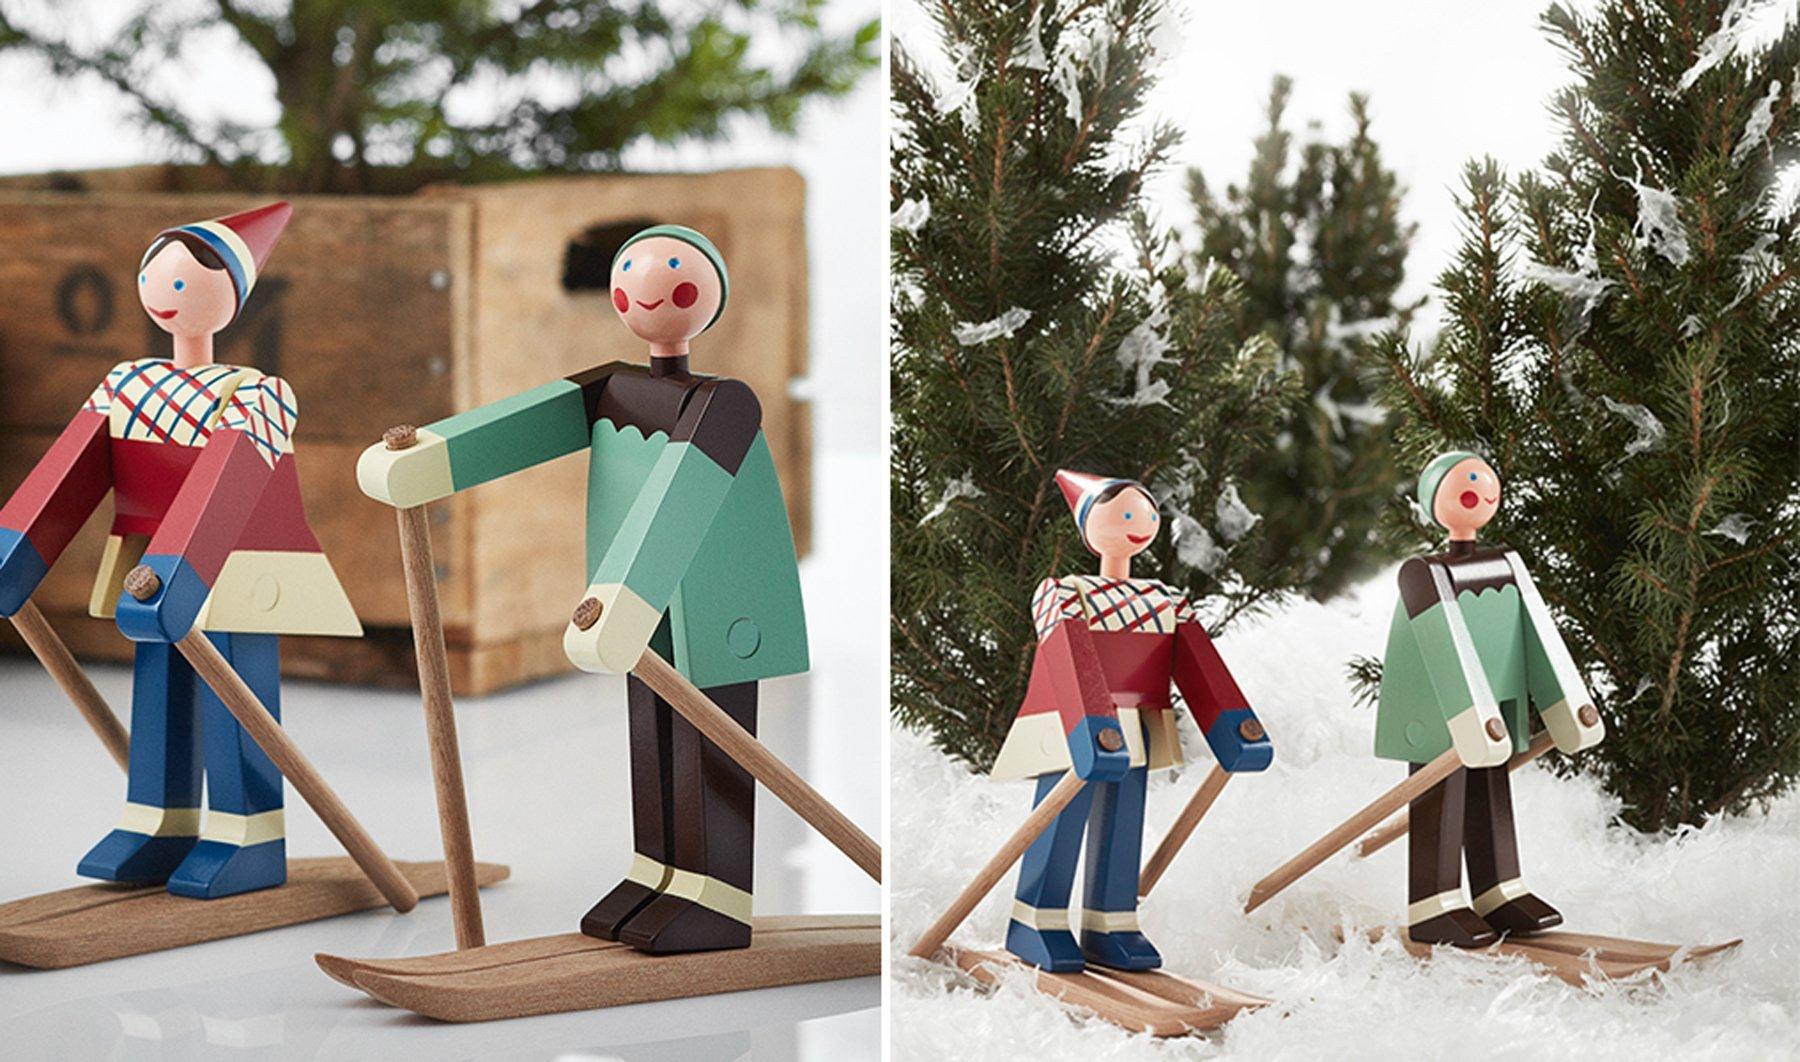 Boje the skier